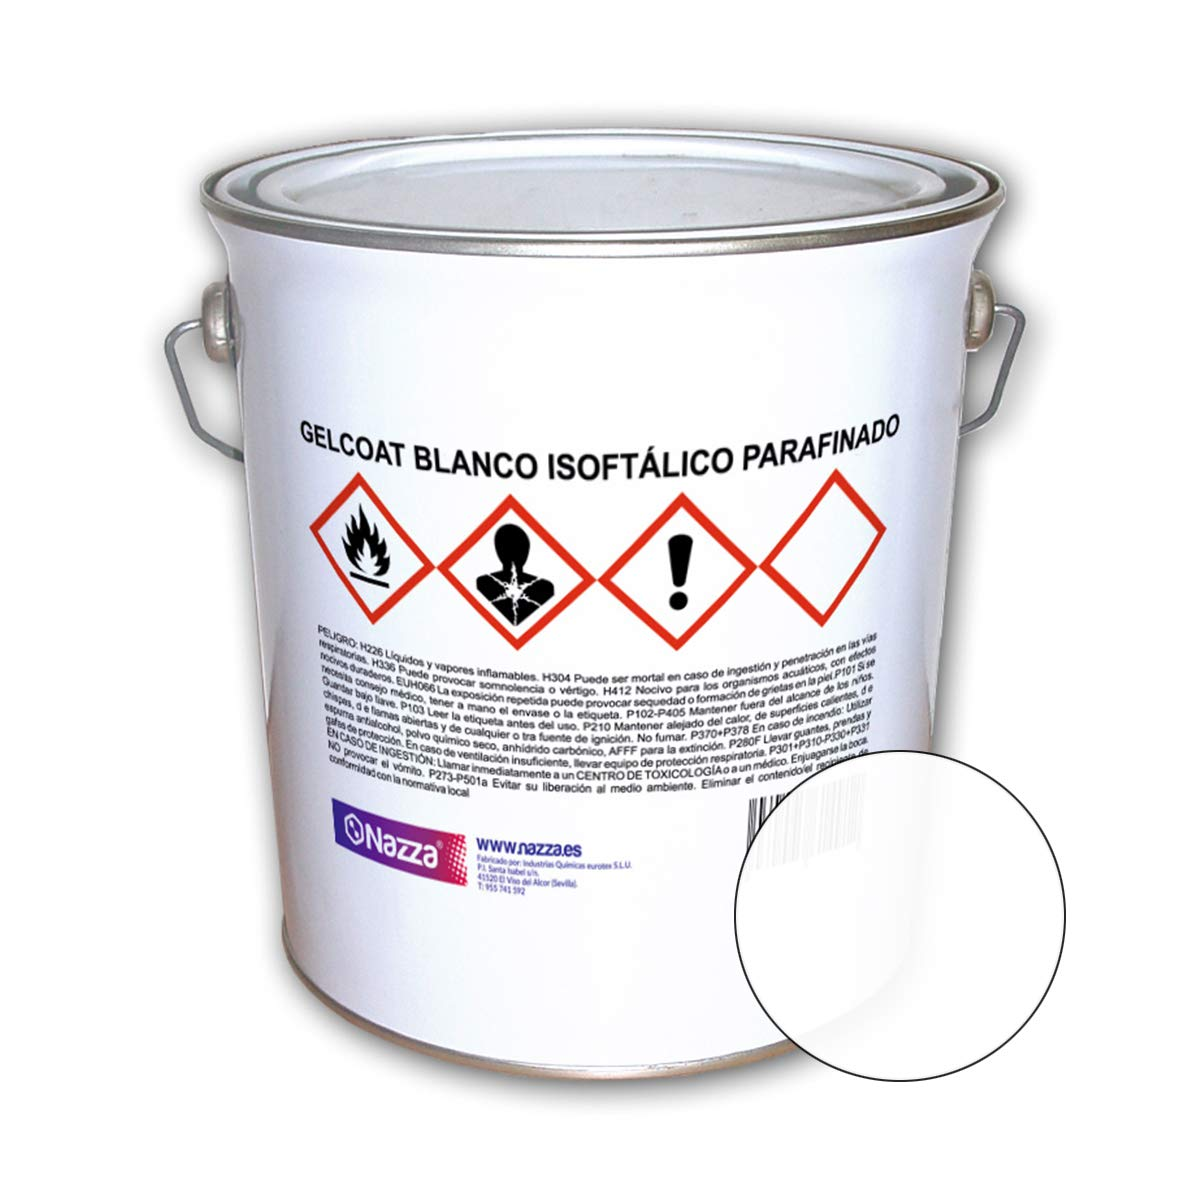 Top Coat - Gelcoat Isoftálico Parafinado Nazza   Color Blanco   Gran resistencia a la intemperie   resistencia a UV e hidrólisis   1 Kg.: Amazon.es: ...